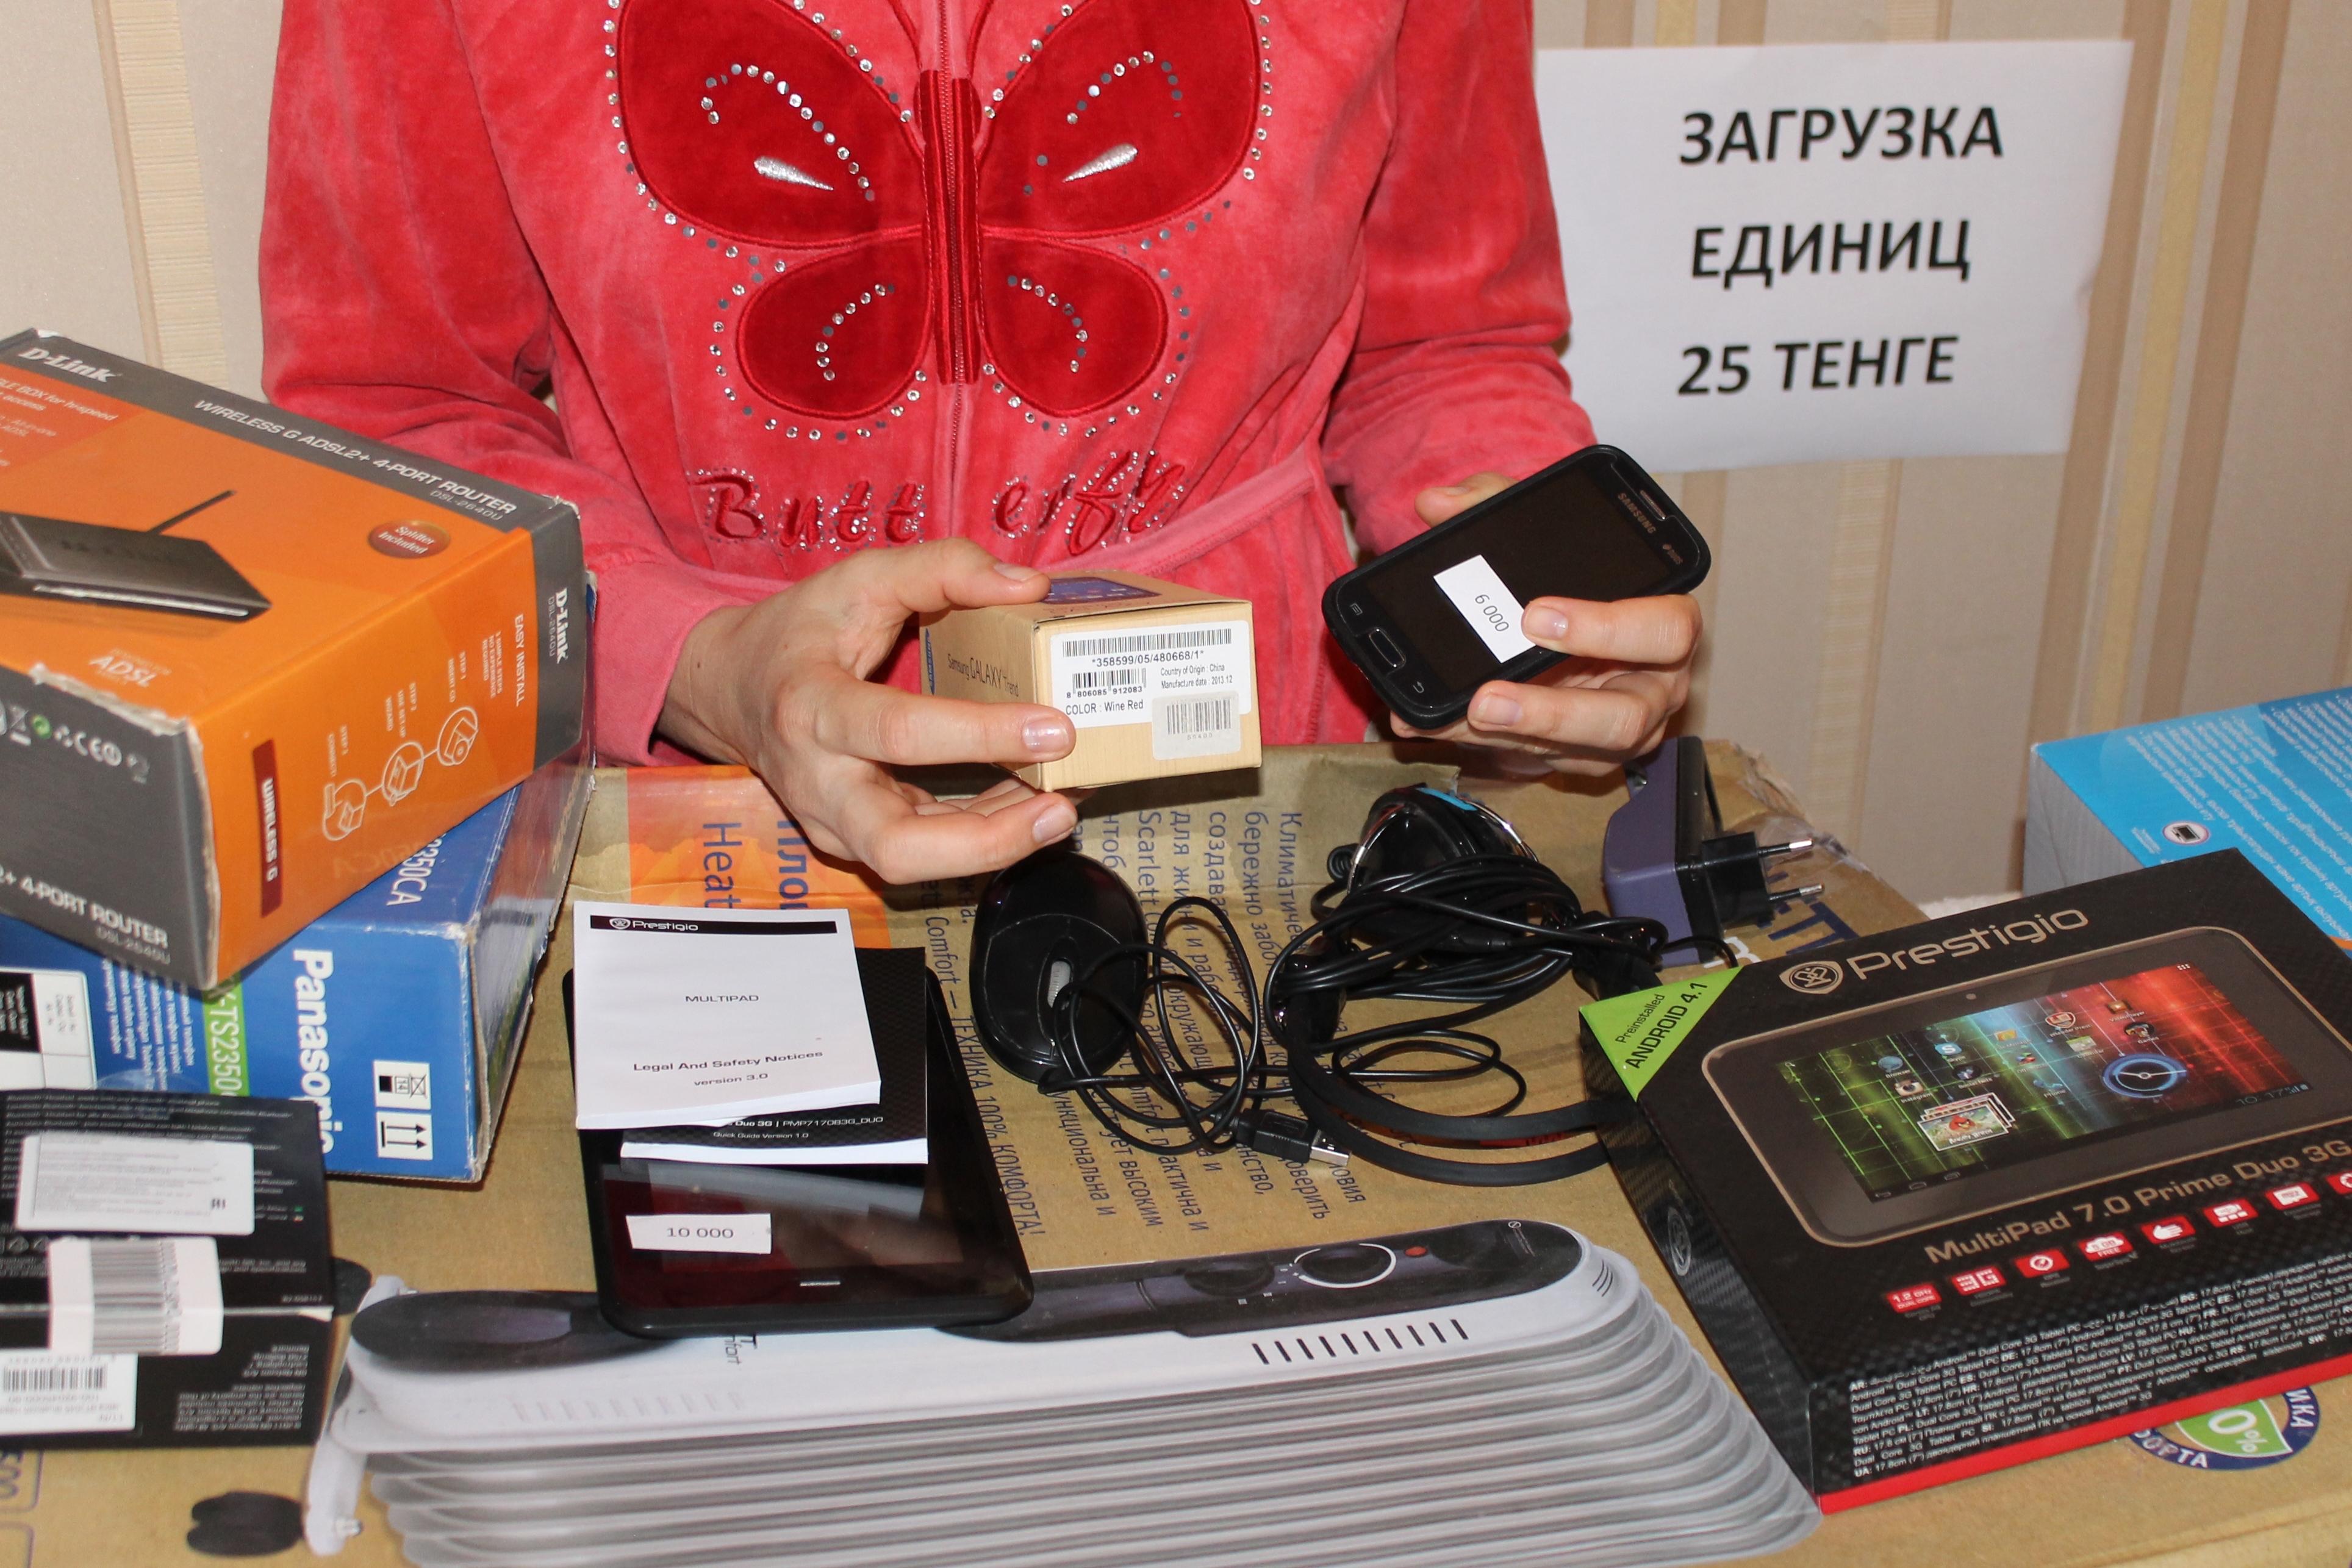 Казахстан ужесточает контроль над продажей сотовых телефонов